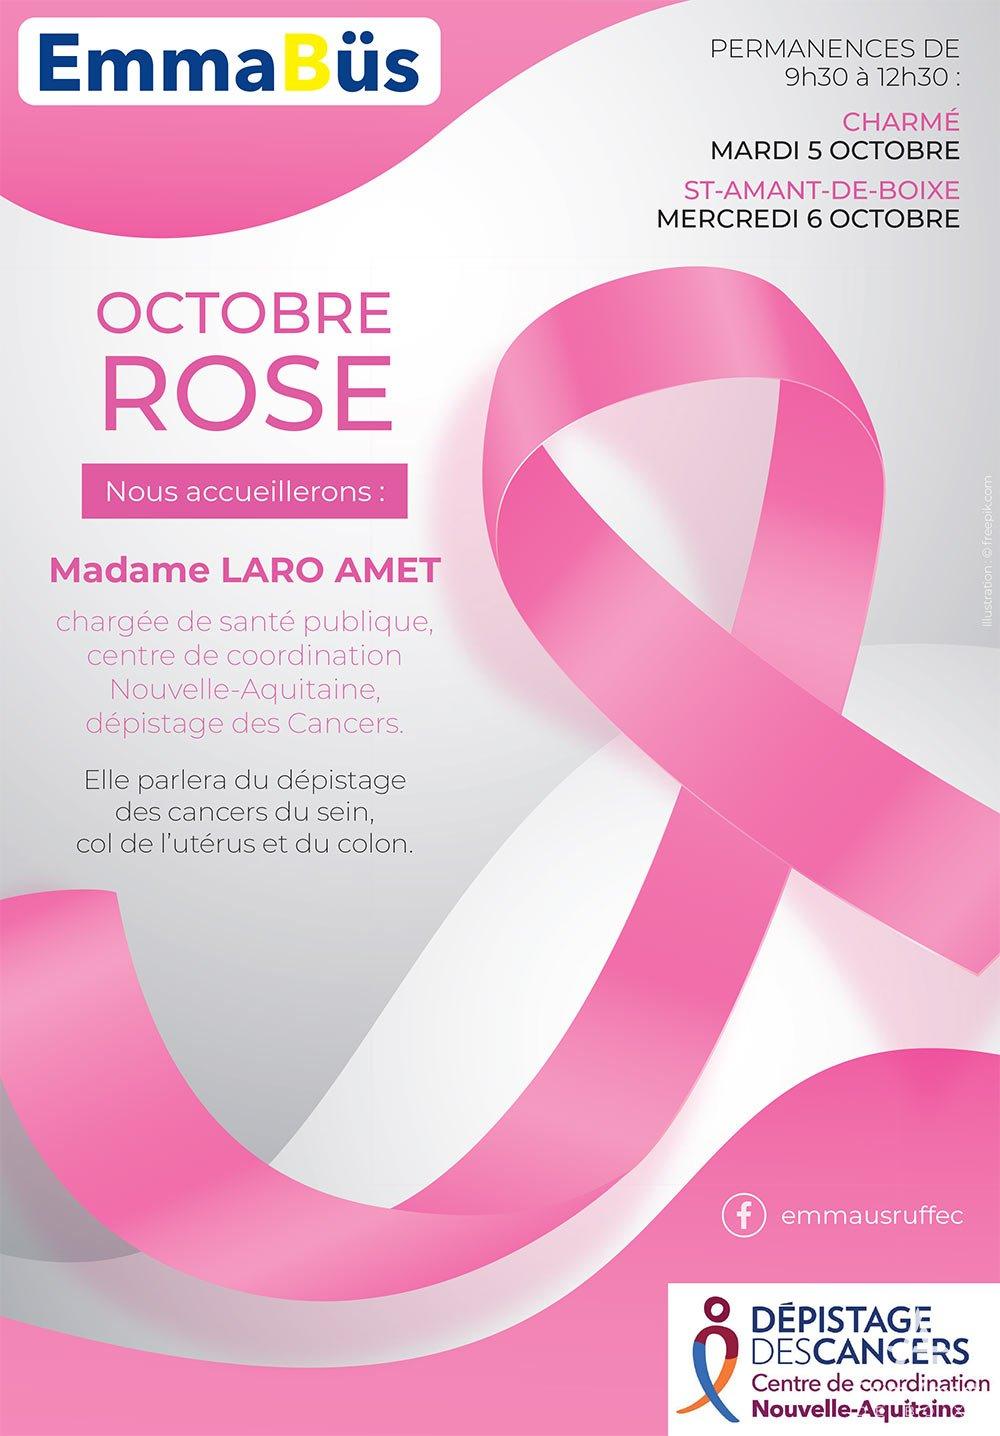 Saint-Amant-de-Boixe-actus-emmabus-octobre-rose